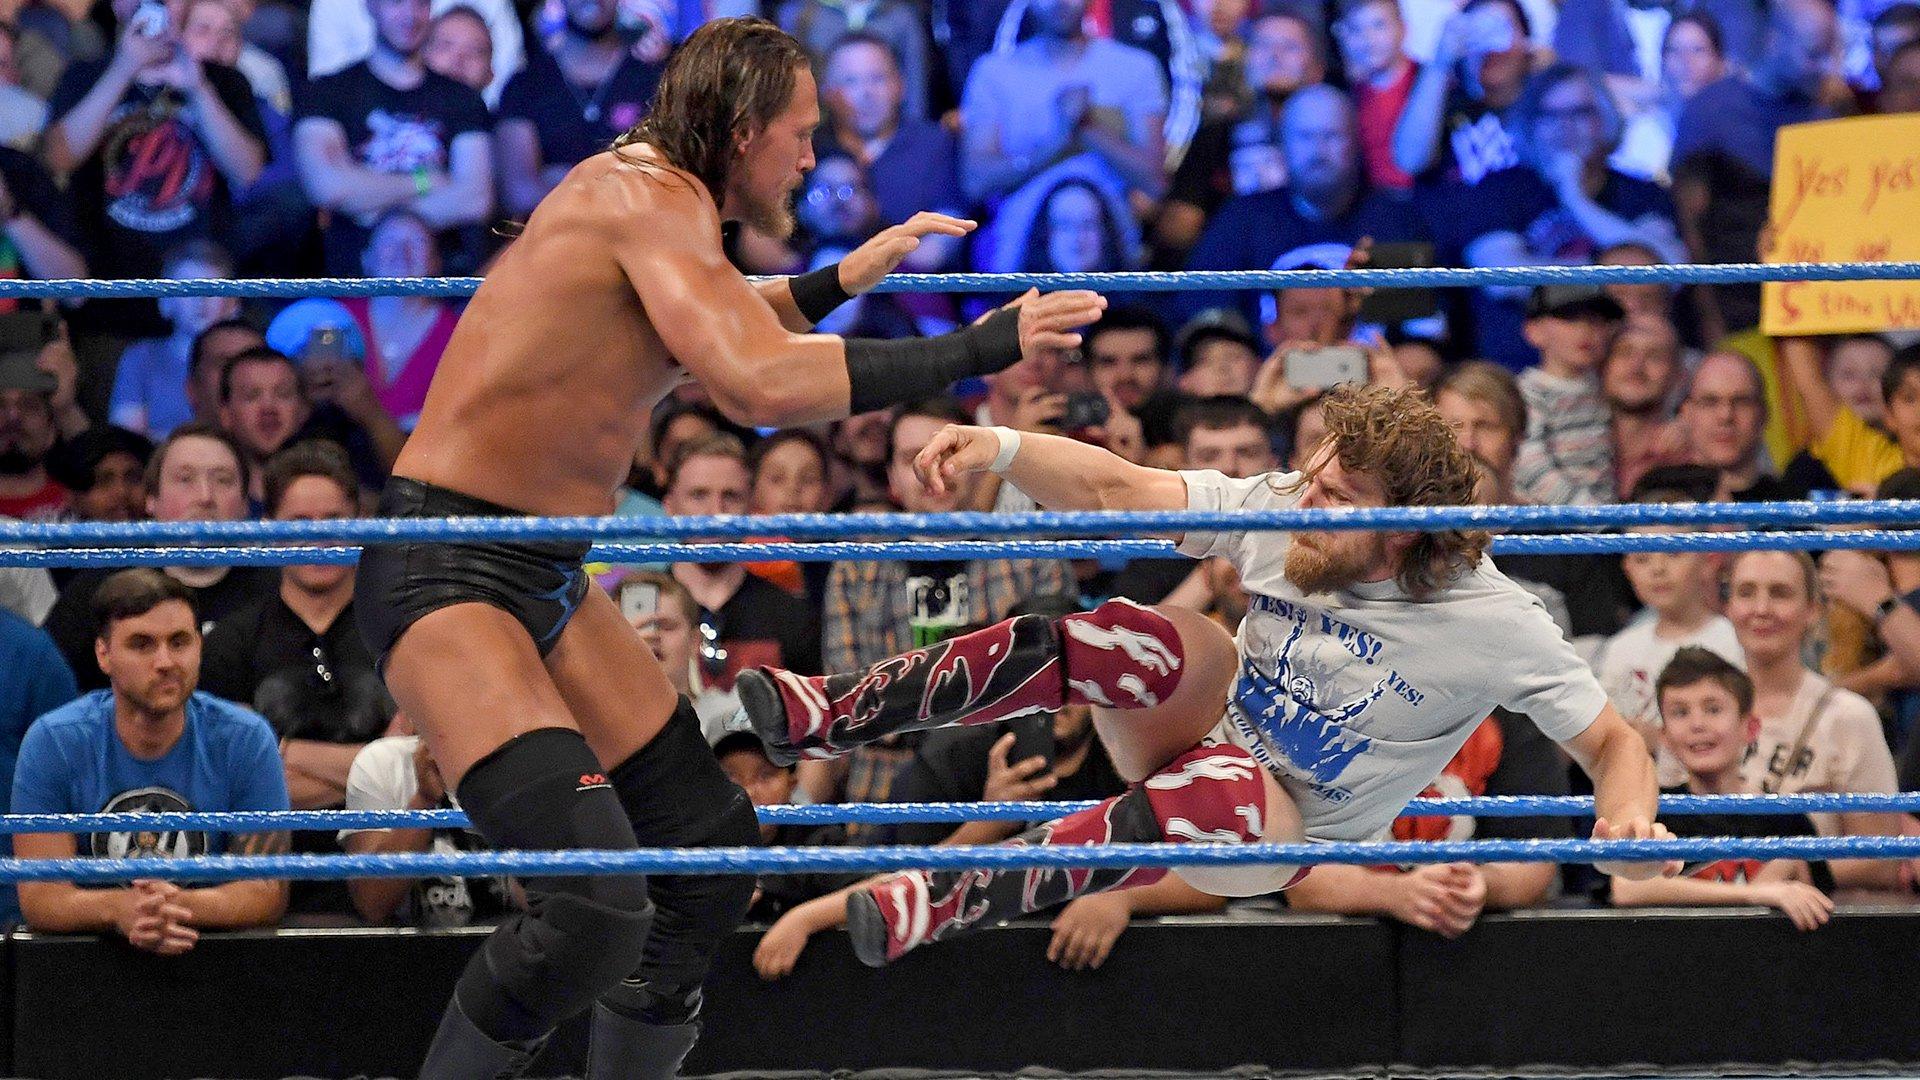 Les Meilleurs Moments de SmackDown LIVE: 15 Mai 2018